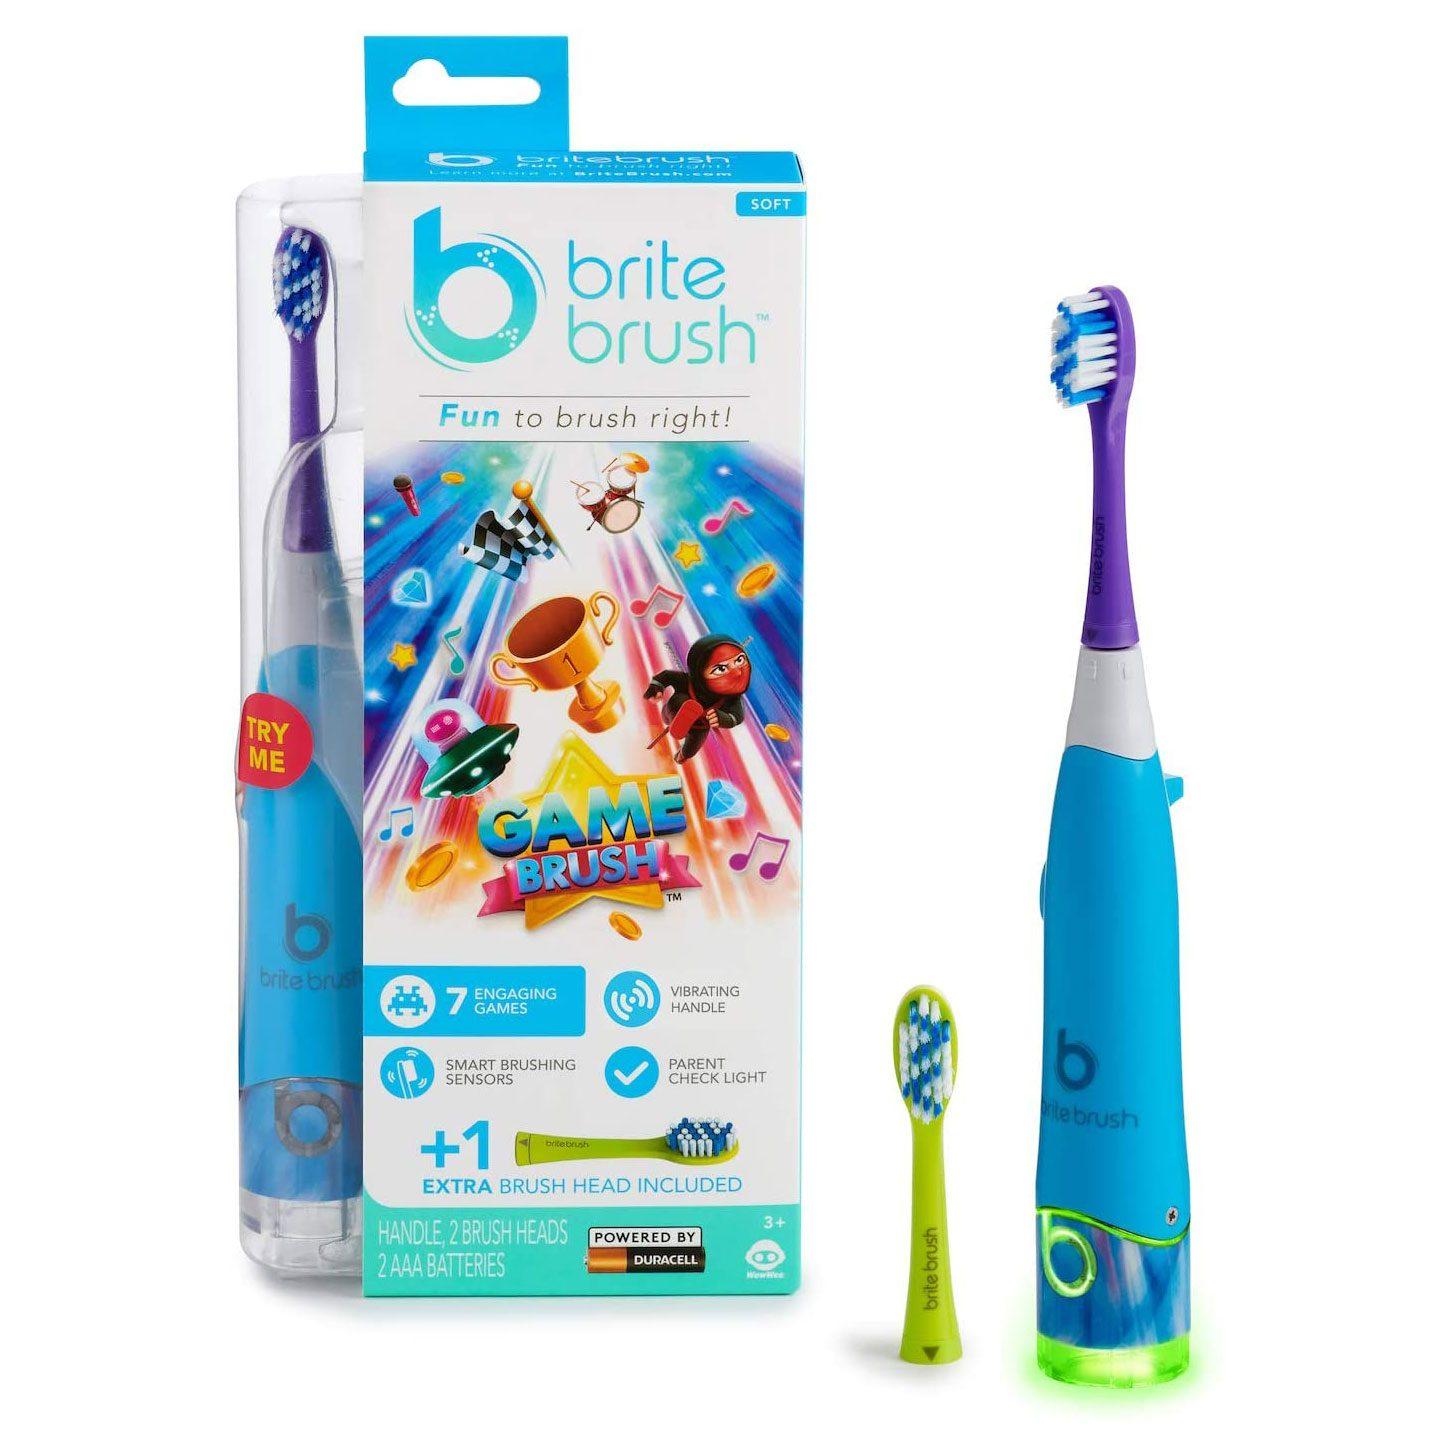 BriteBrush Toothbrush